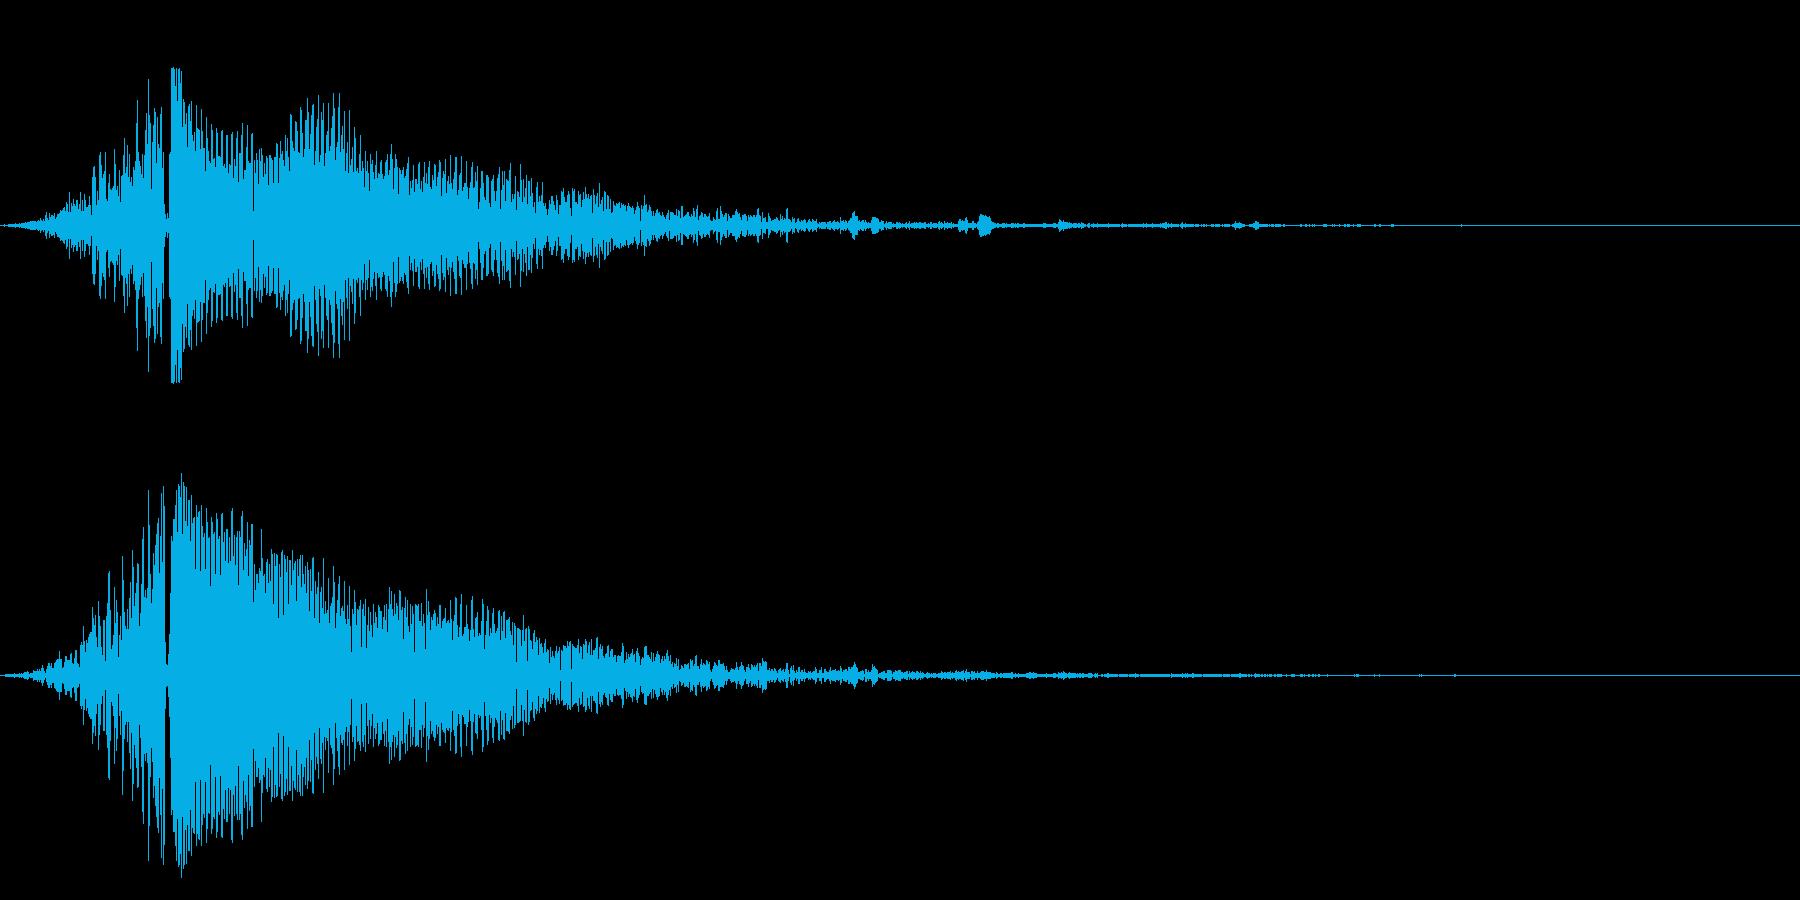 ホラー系アタック音125の再生済みの波形